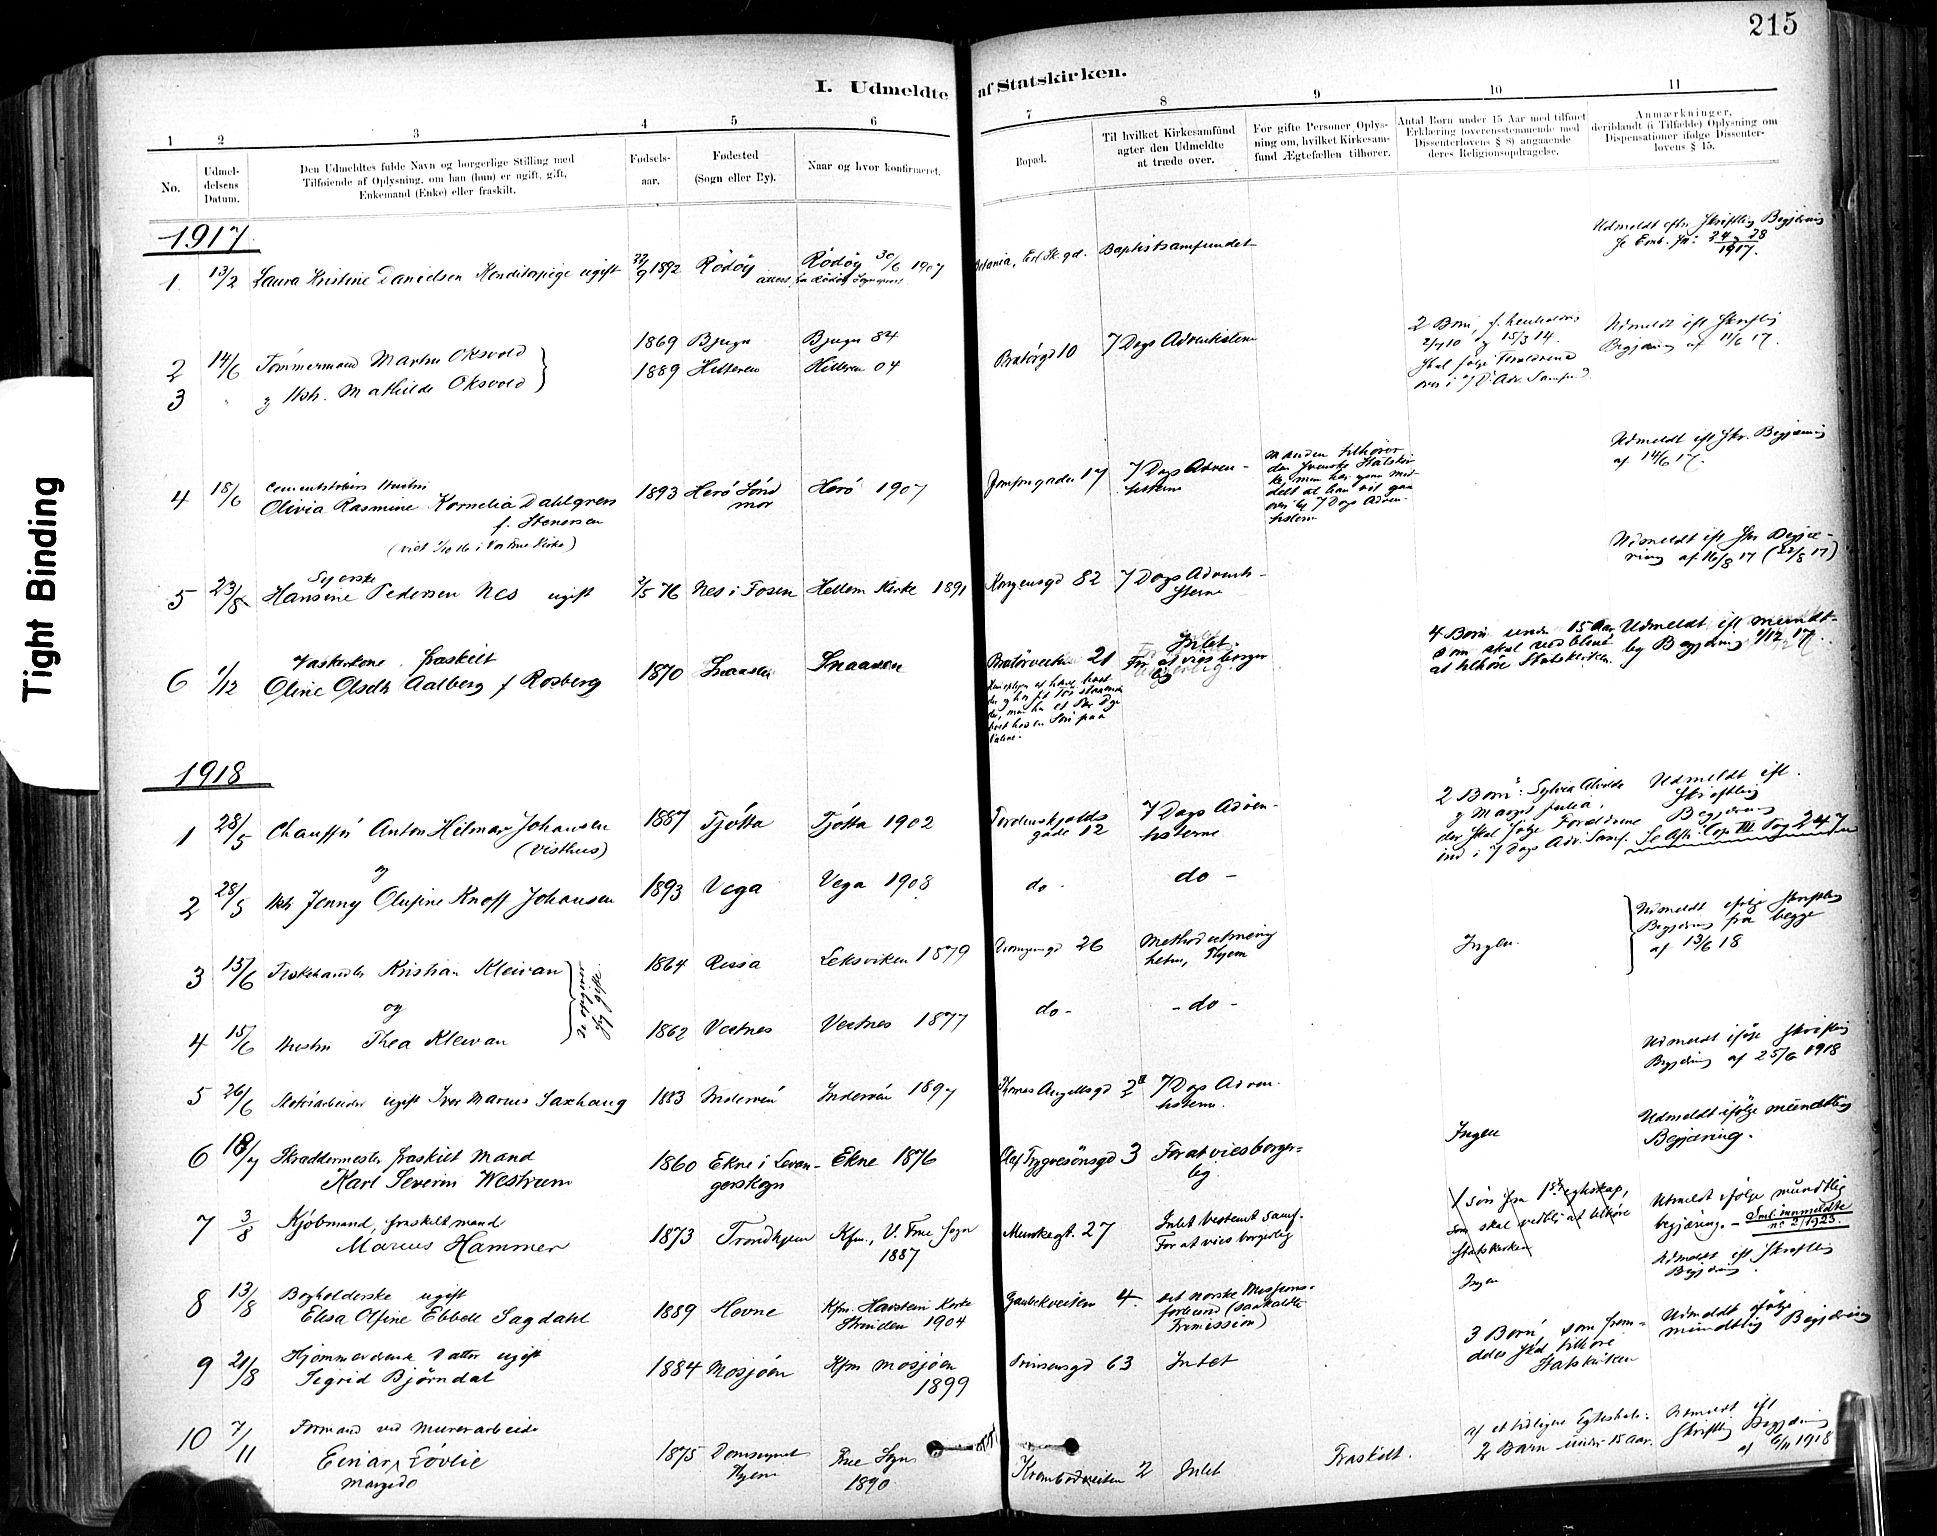 SAT, Ministerialprotokoller, klokkerbøker og fødselsregistre - Sør-Trøndelag, 602/L0120: Ministerialbok nr. 602A18, 1880-1913, s. 215